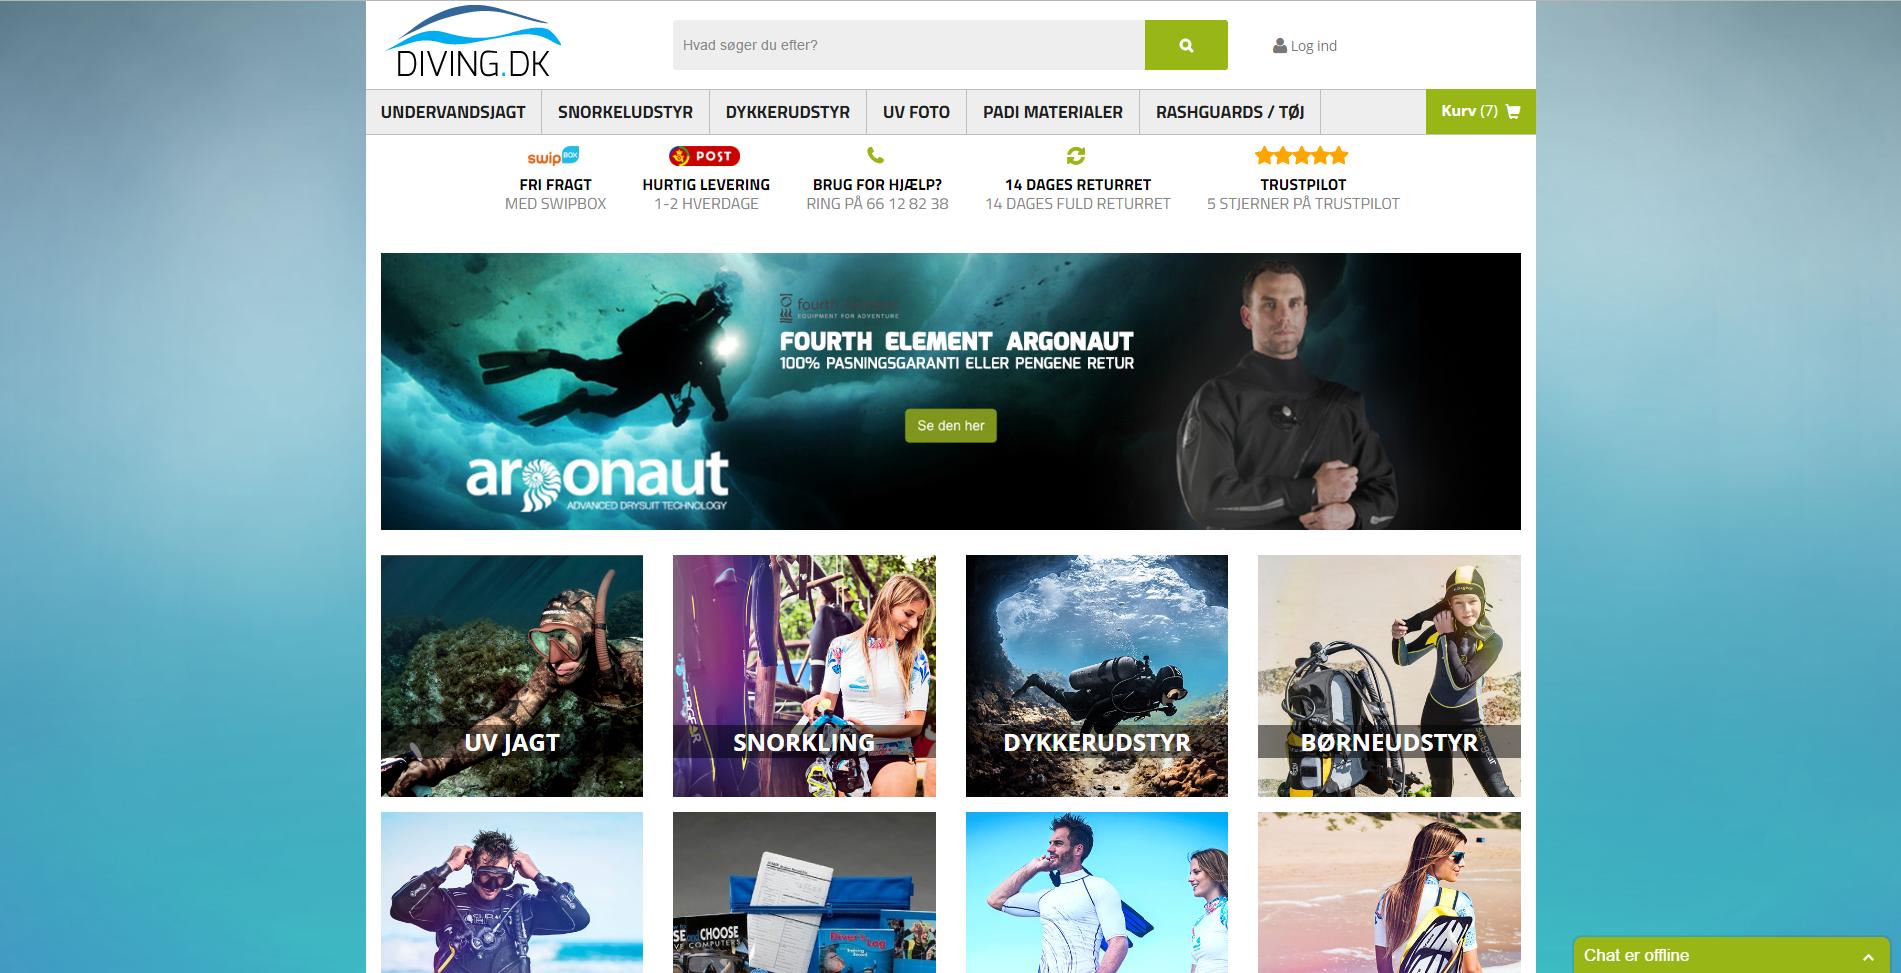 Website selling scuba gear.